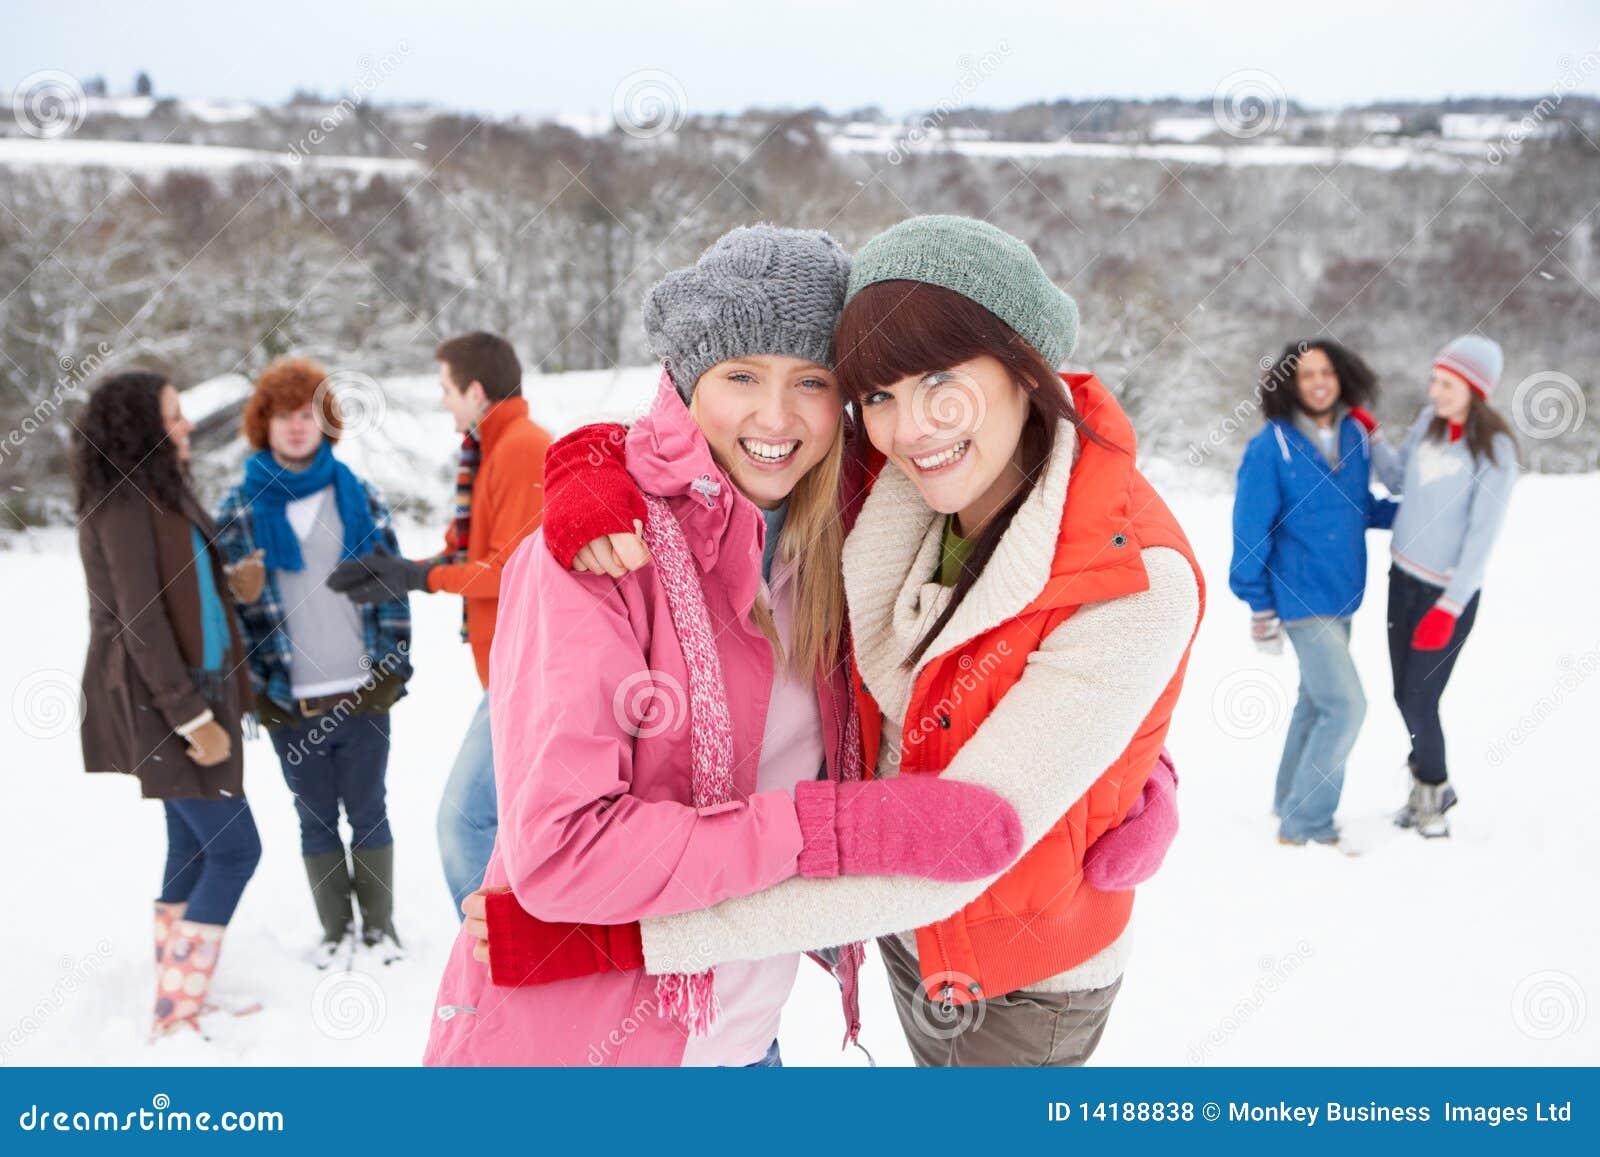 Фото подружек зимой 26 фотография